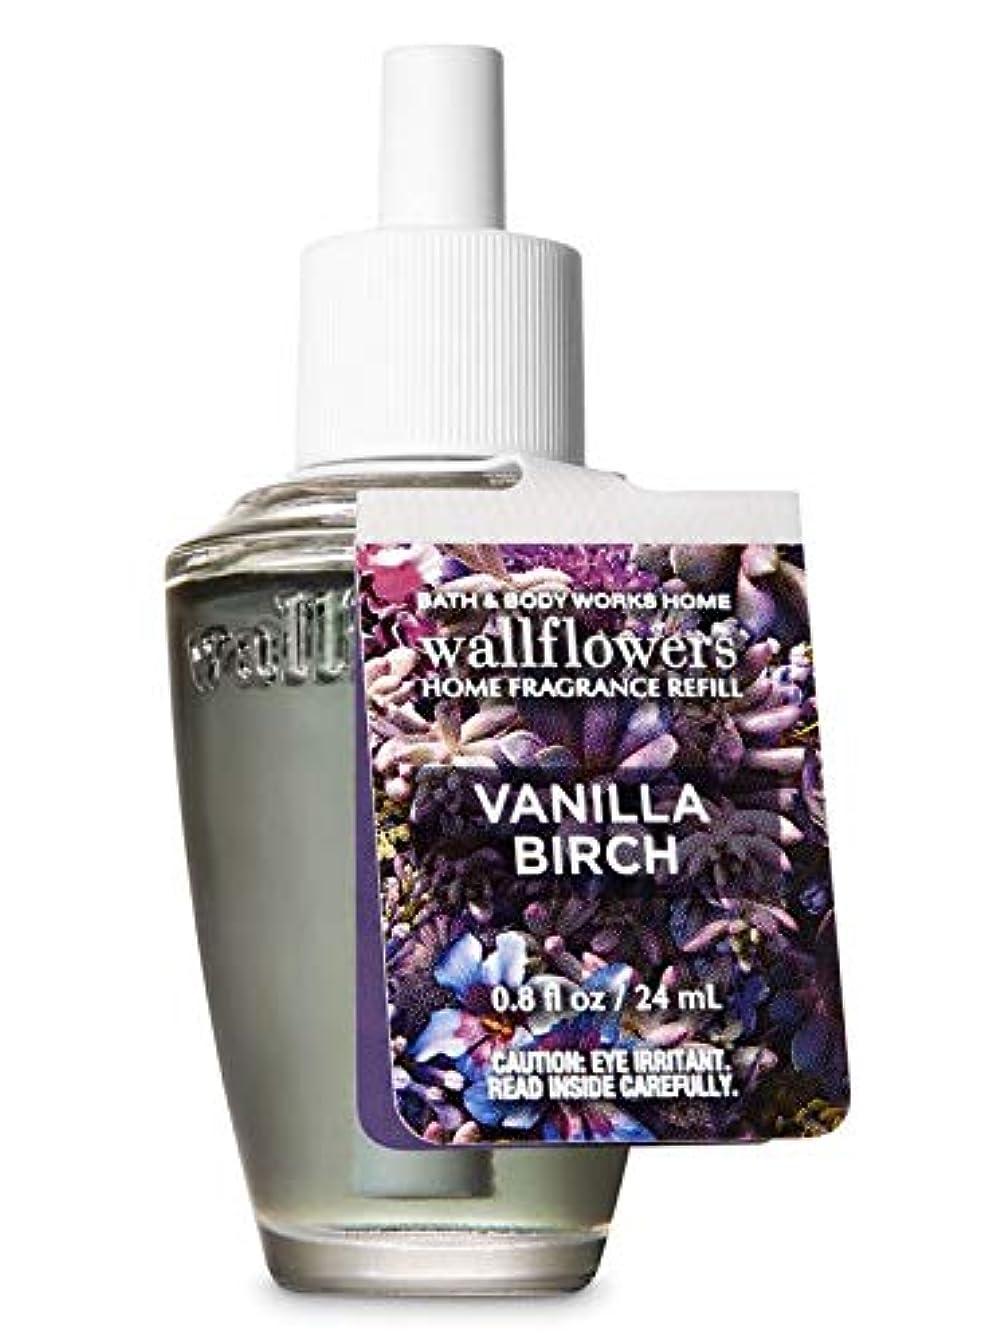 ヶ月目不利益ブランデー【Bath&Body Works/バス&ボディワークス】 ルームフレグランス 詰替えリフィル バニラバーチ Wallflowers Home Fragrance Refill Vanilla Birch [並行輸入品]